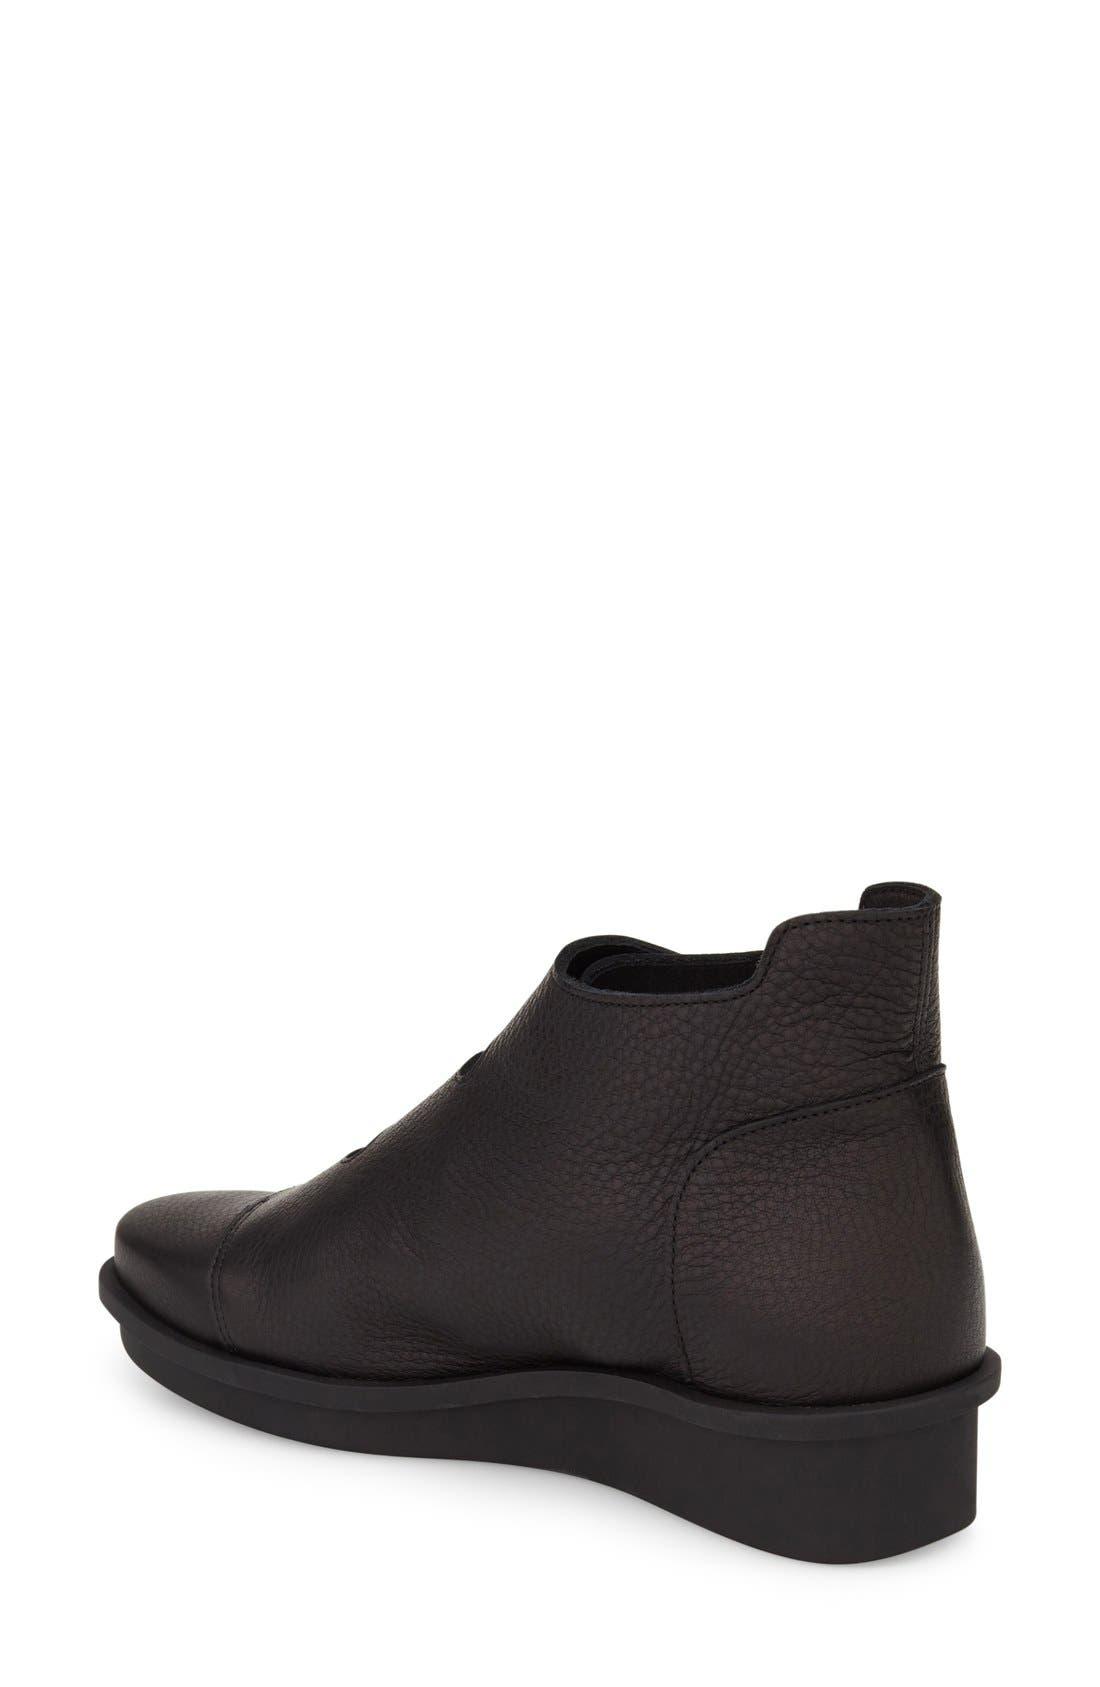 'Skapa' Sneaker,                             Alternate thumbnail 2, color,                             Noir Leather